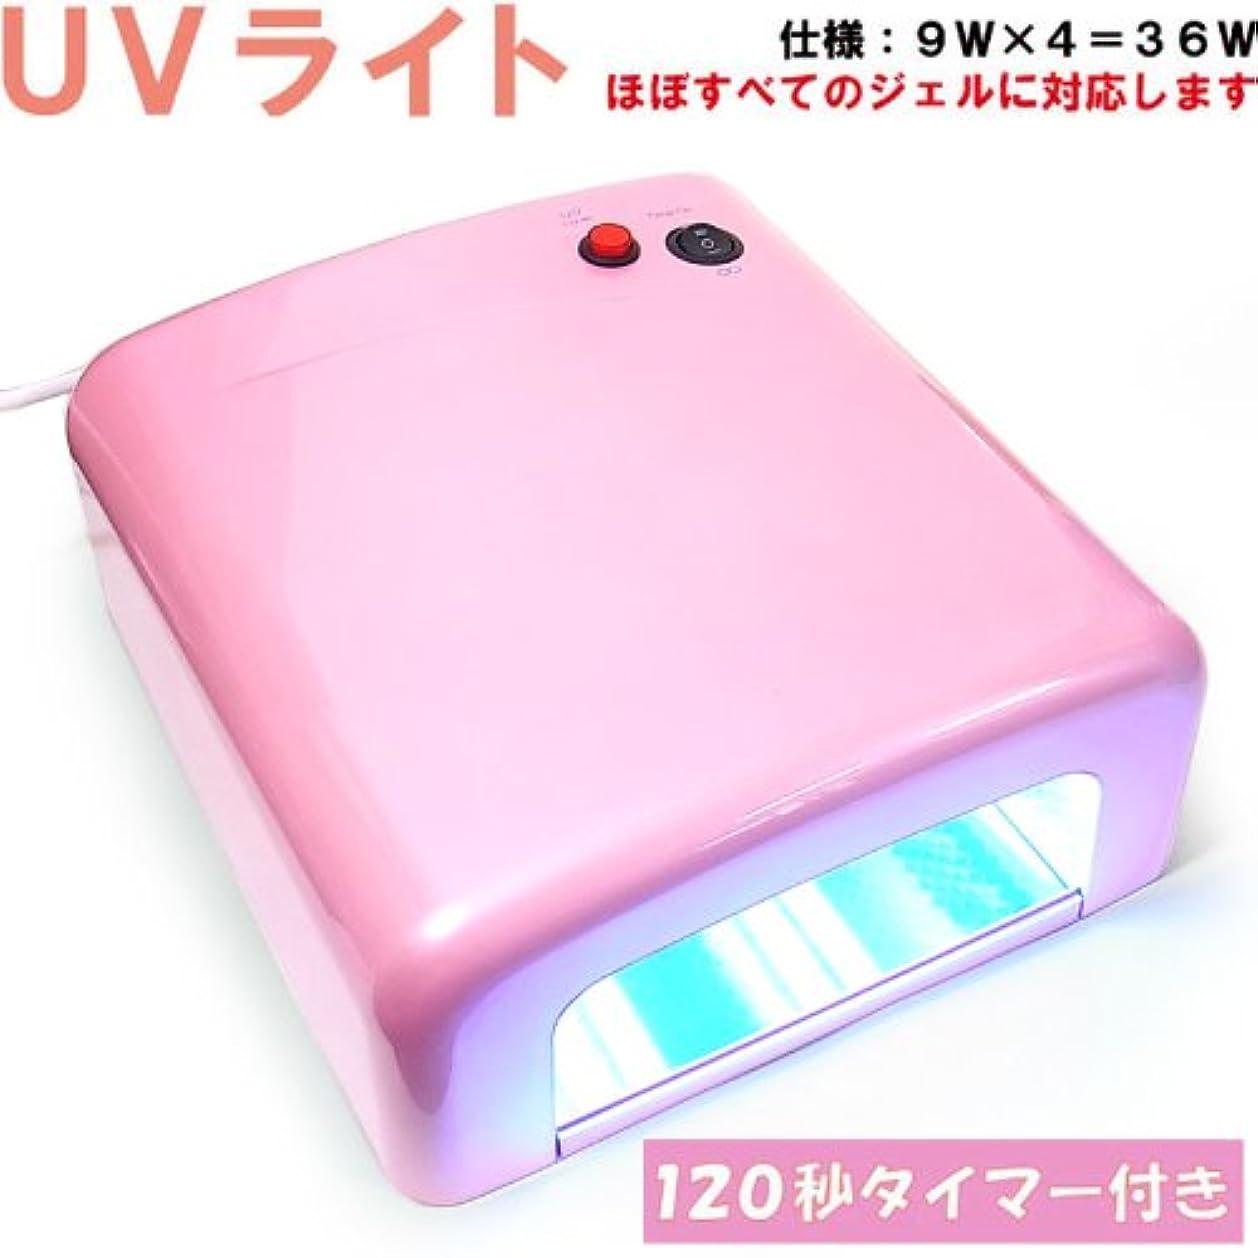 ひも品学ぶジェルネイル用UVライト36W(電球9W×4本付き)UVランプ【ピンク】